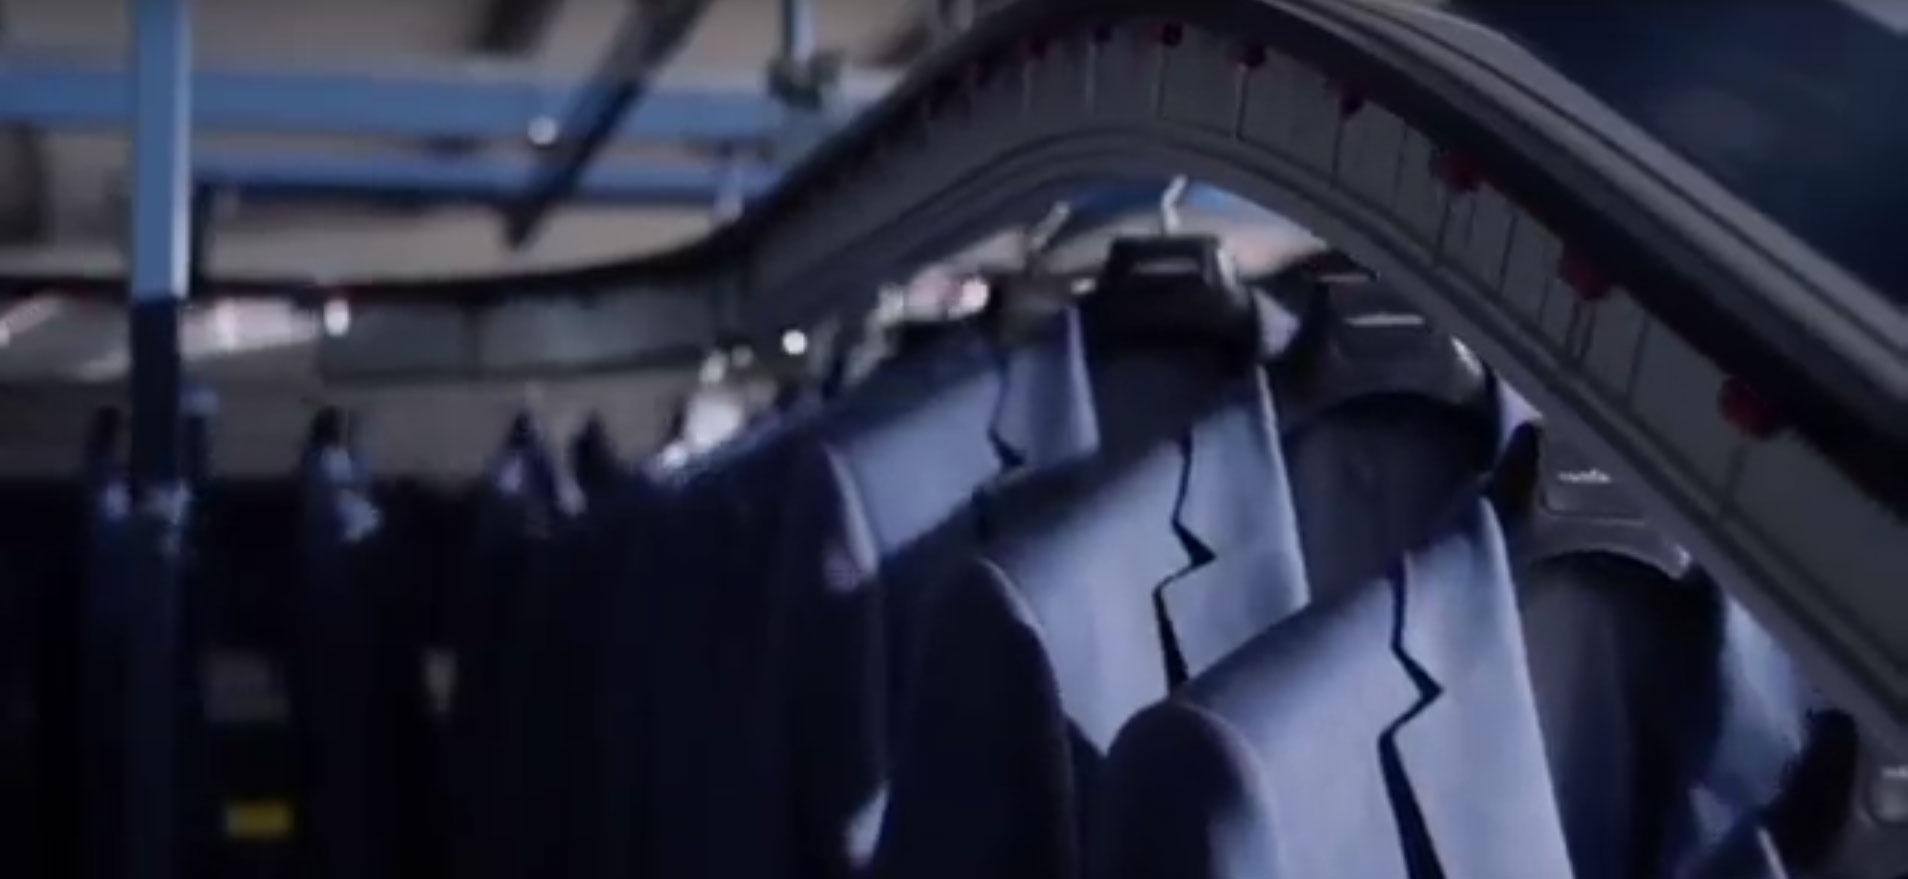 Lancerto - kurtki płaszcze itd 25%, 50%, 63% taniej